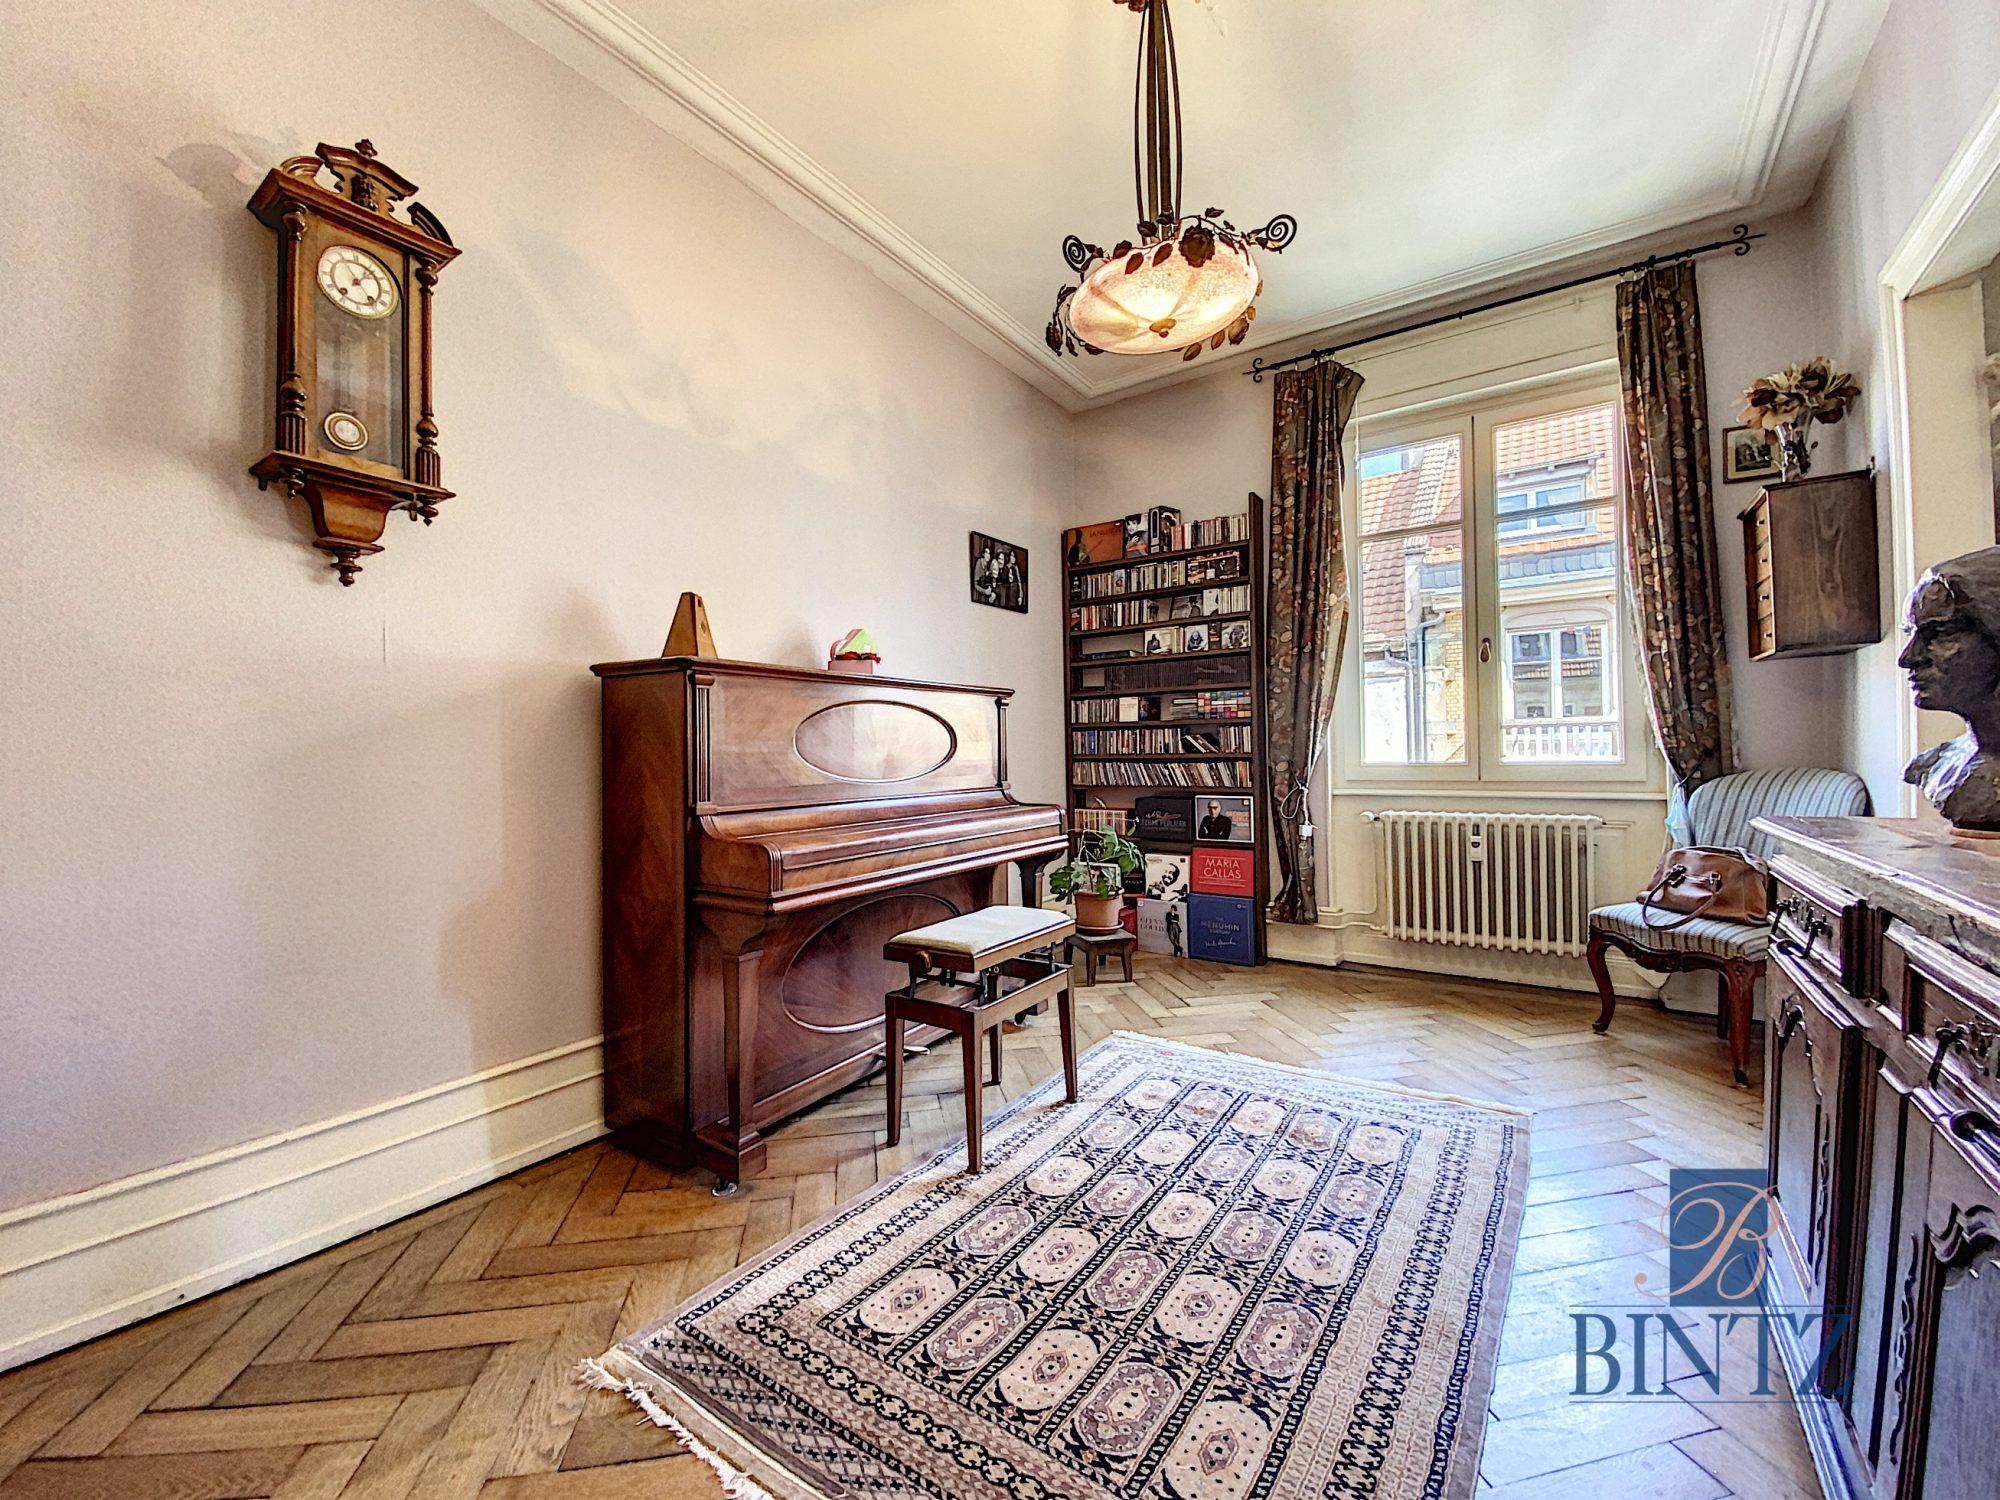 Appartement de 7 pièces – Rue Schwendi - Devenez propriétaire en toute confiance - Bintz Immobilier - 7